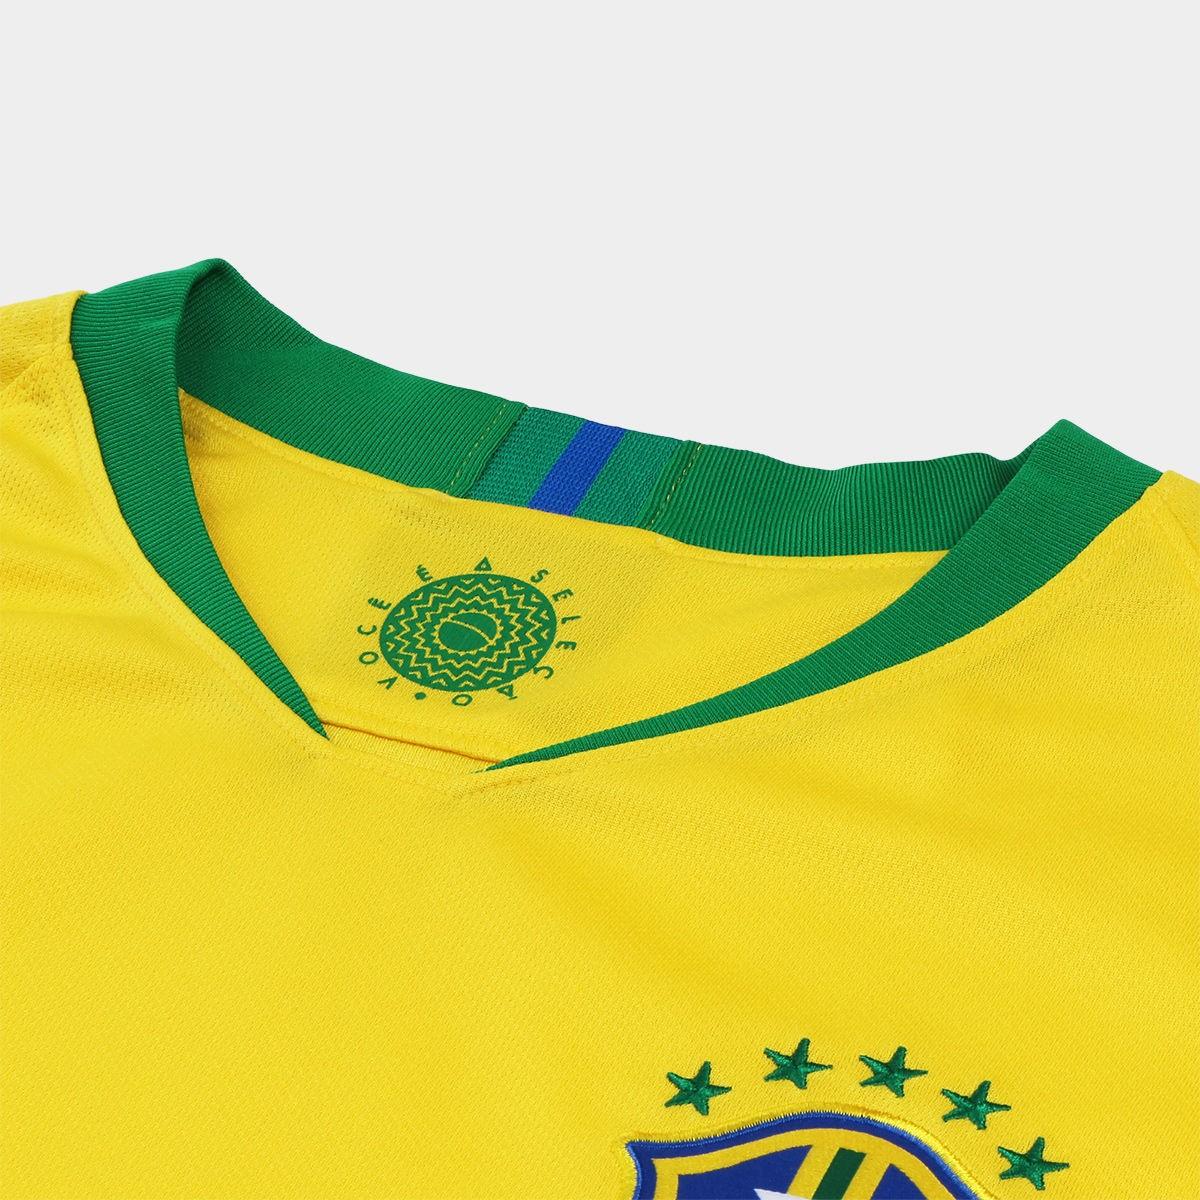 59770d5eab Camisa Seleção Brasileira I 2018 N°3 MIRANDA